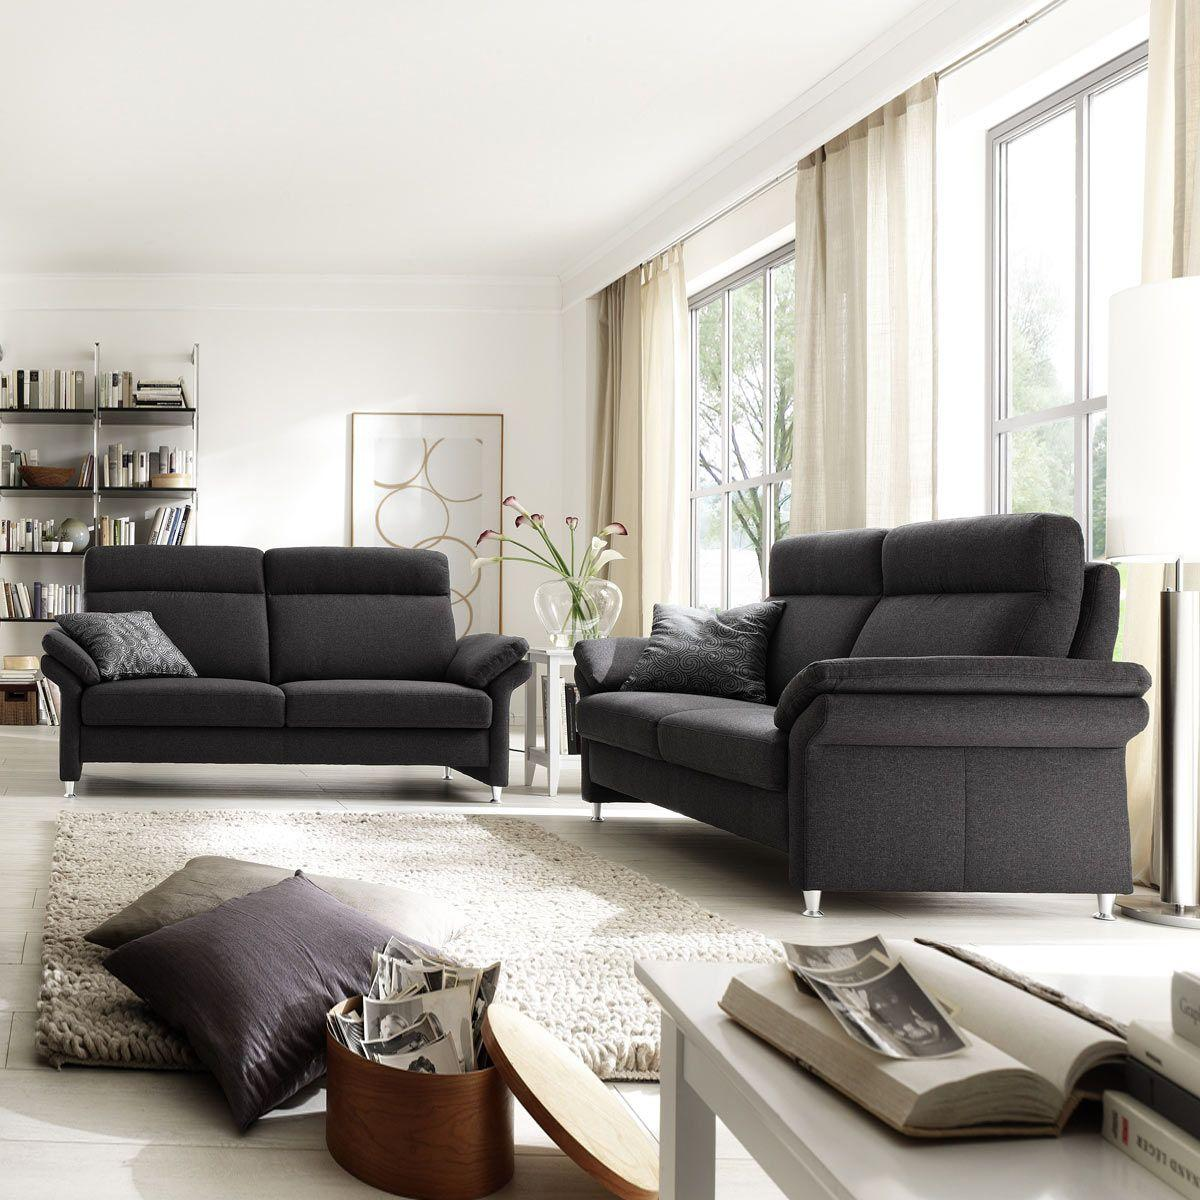 Bild Kaufen Wohnzimmer